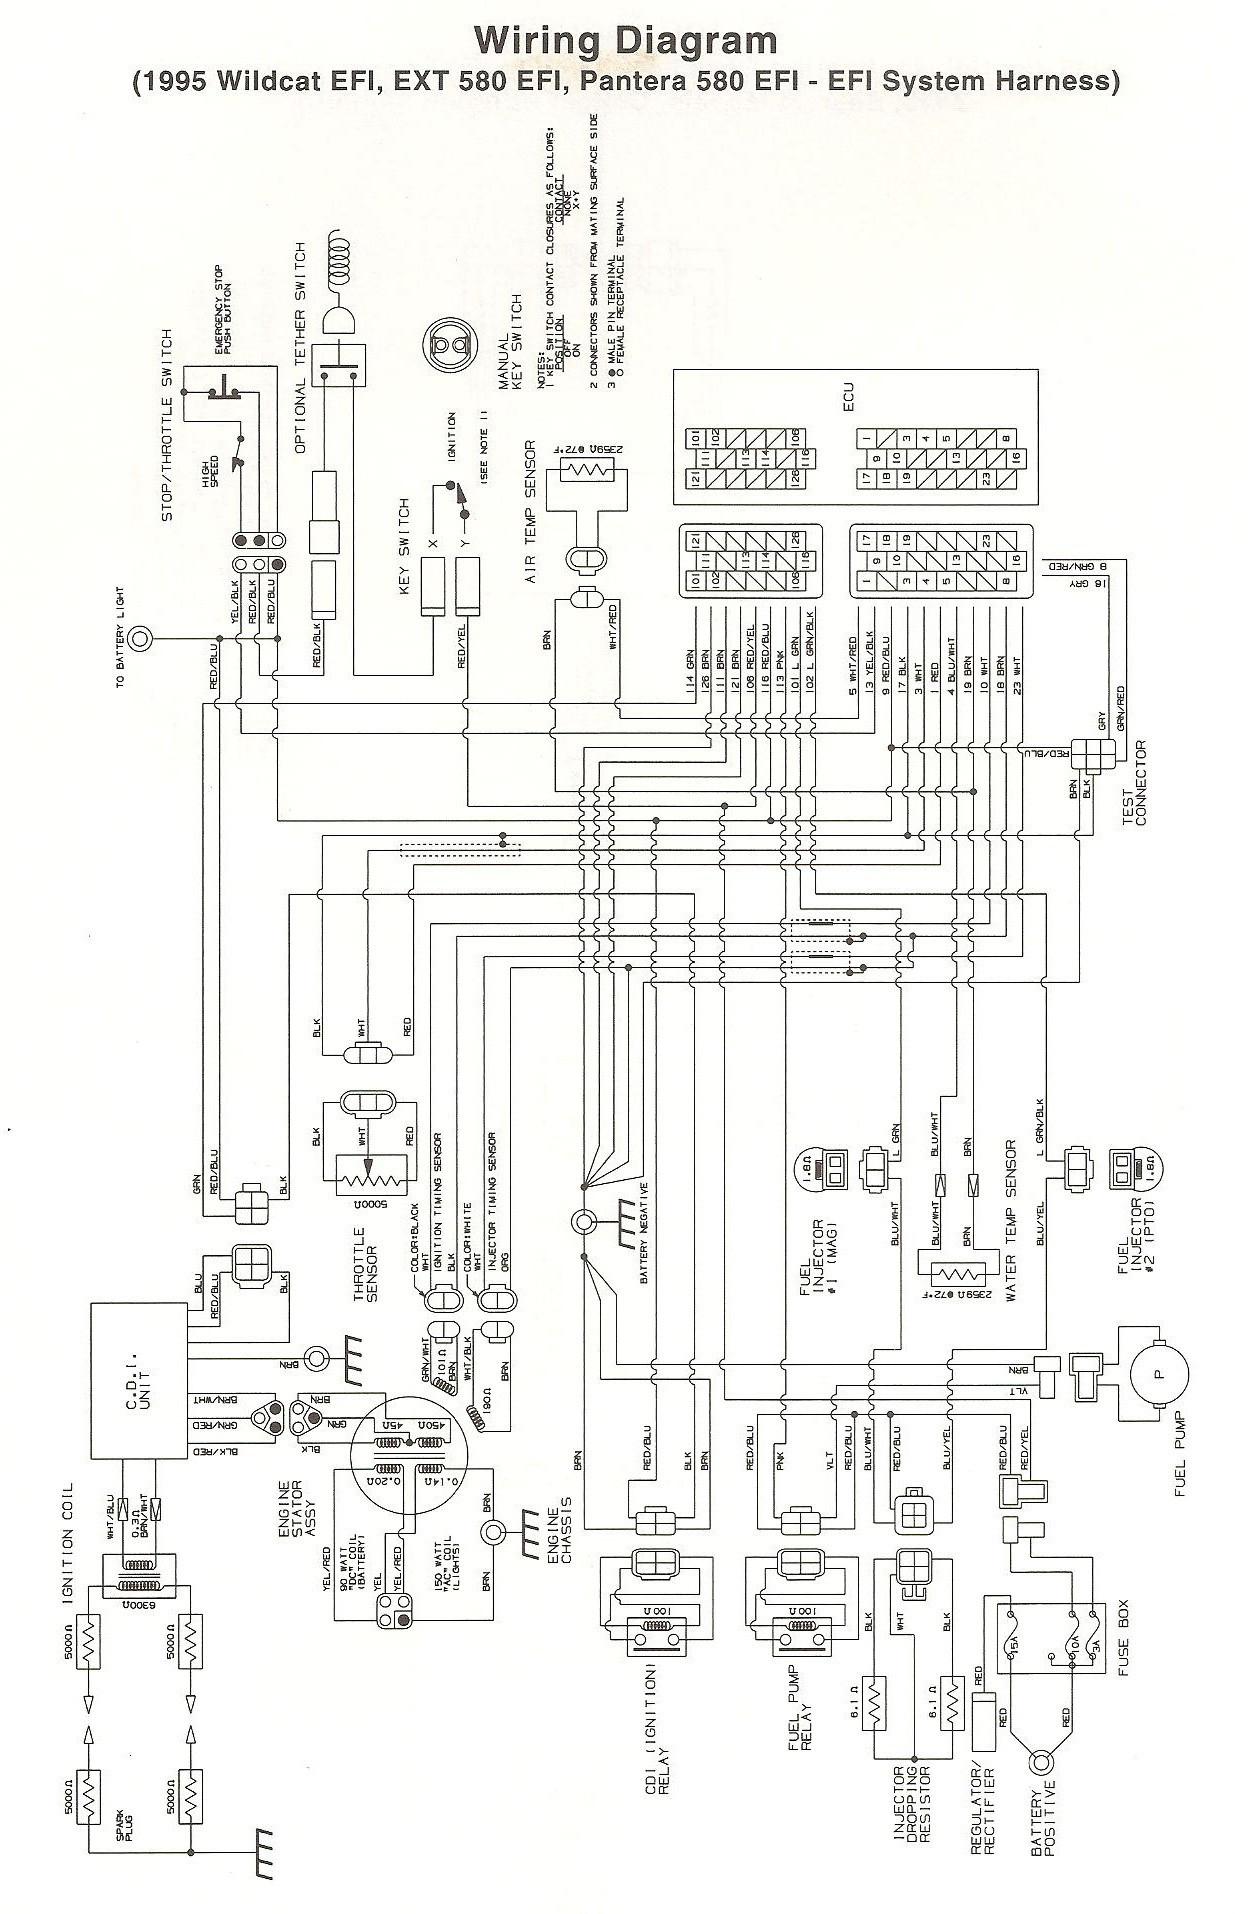 NN_5948] Yamaha Raptor 50 Wiring Diagram Free Download Wiring DiagramPimpaps Shopa Mohammedshrine Librar Wiring 101